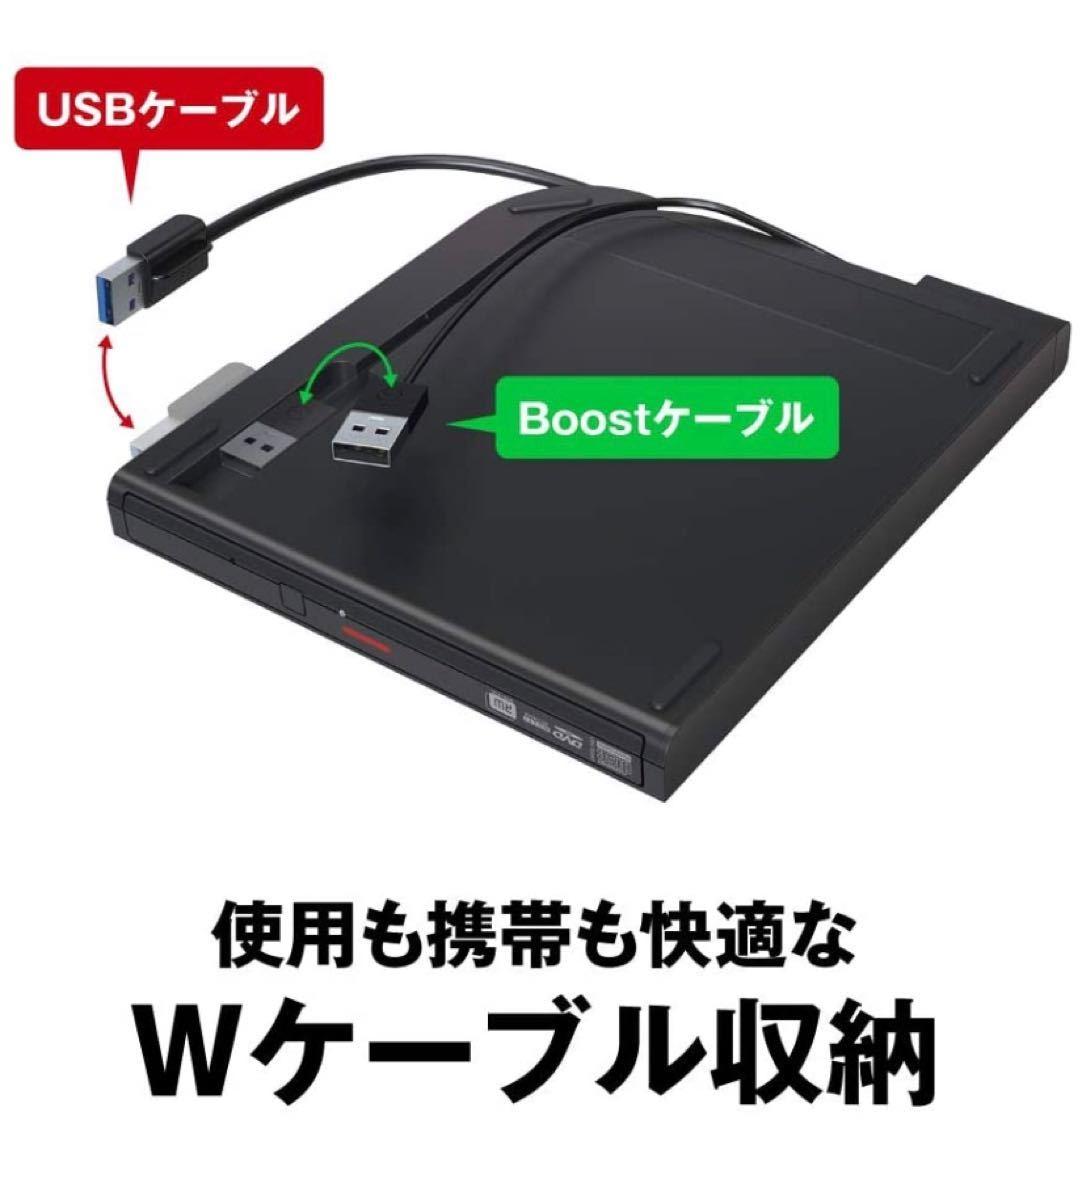 BUFFALO 外付けDVDドライブ DVSM-PTV8U3-BK/N 黒 ポータブルDVDドライブ